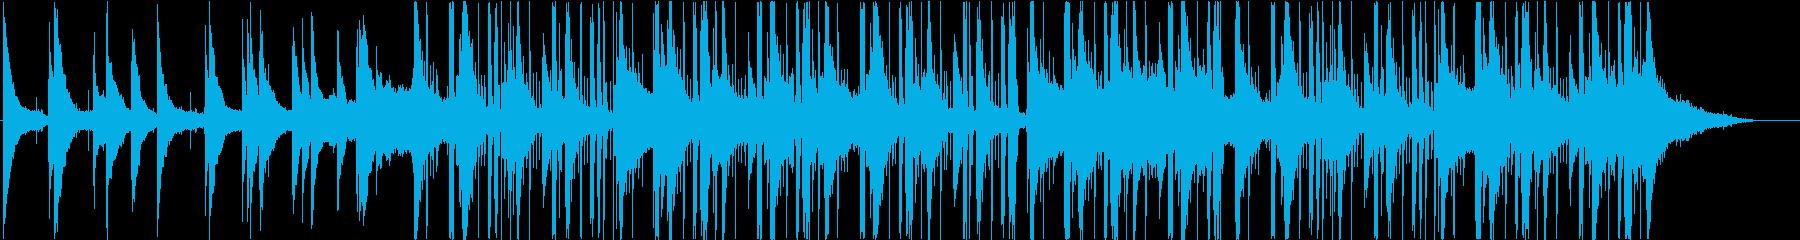 ヒップホップ、ジャズの再生済みの波形